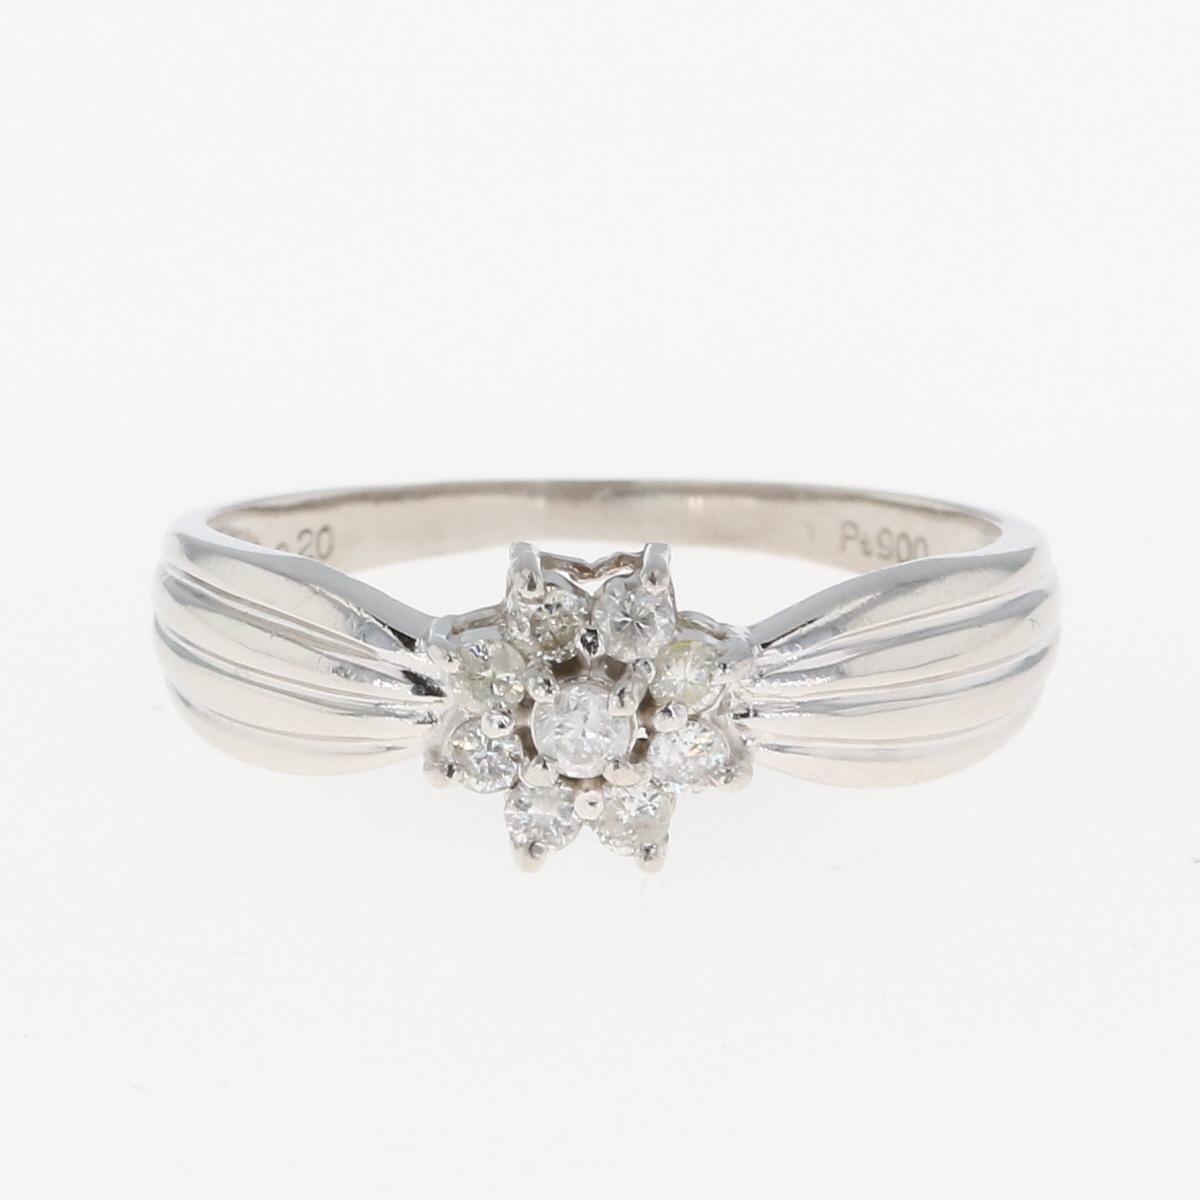 USED 全商品オープニング価格 送料無料 メレダイヤ デザインリング プラチナ 指輪 Pt900 レディース 13号 バースデー 記念日 ギフト 贈物 お勧め 通販 リング 中古 ダイヤモンド